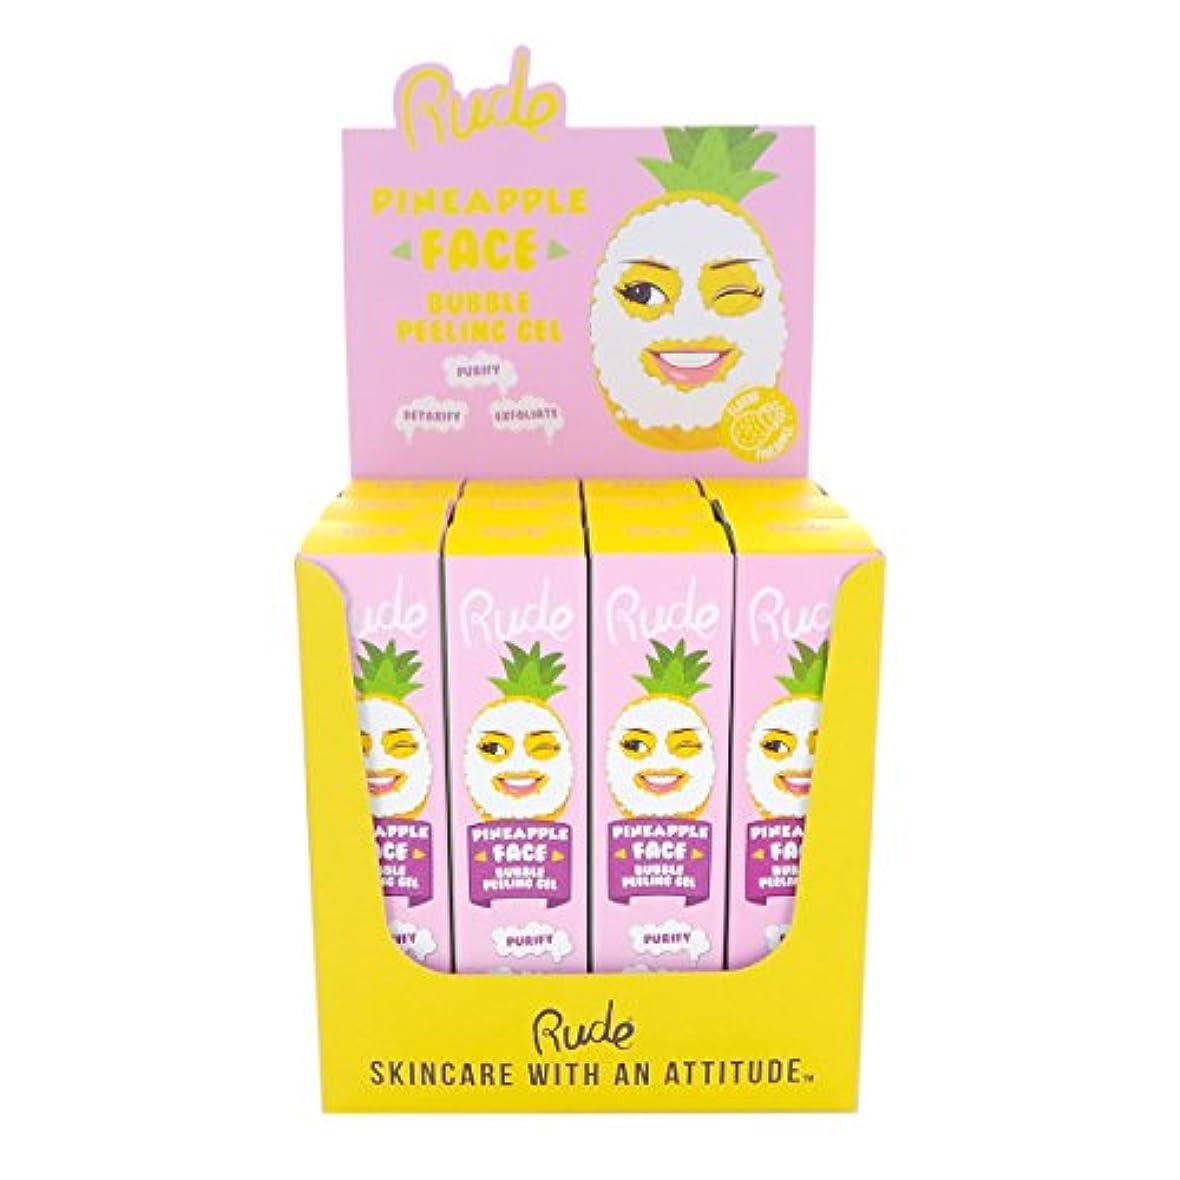 プールバズ繁栄するRUDE Pineapple Face Bubble Peeling Gel Paper Display Set, 12 Pieces (並行輸入品)